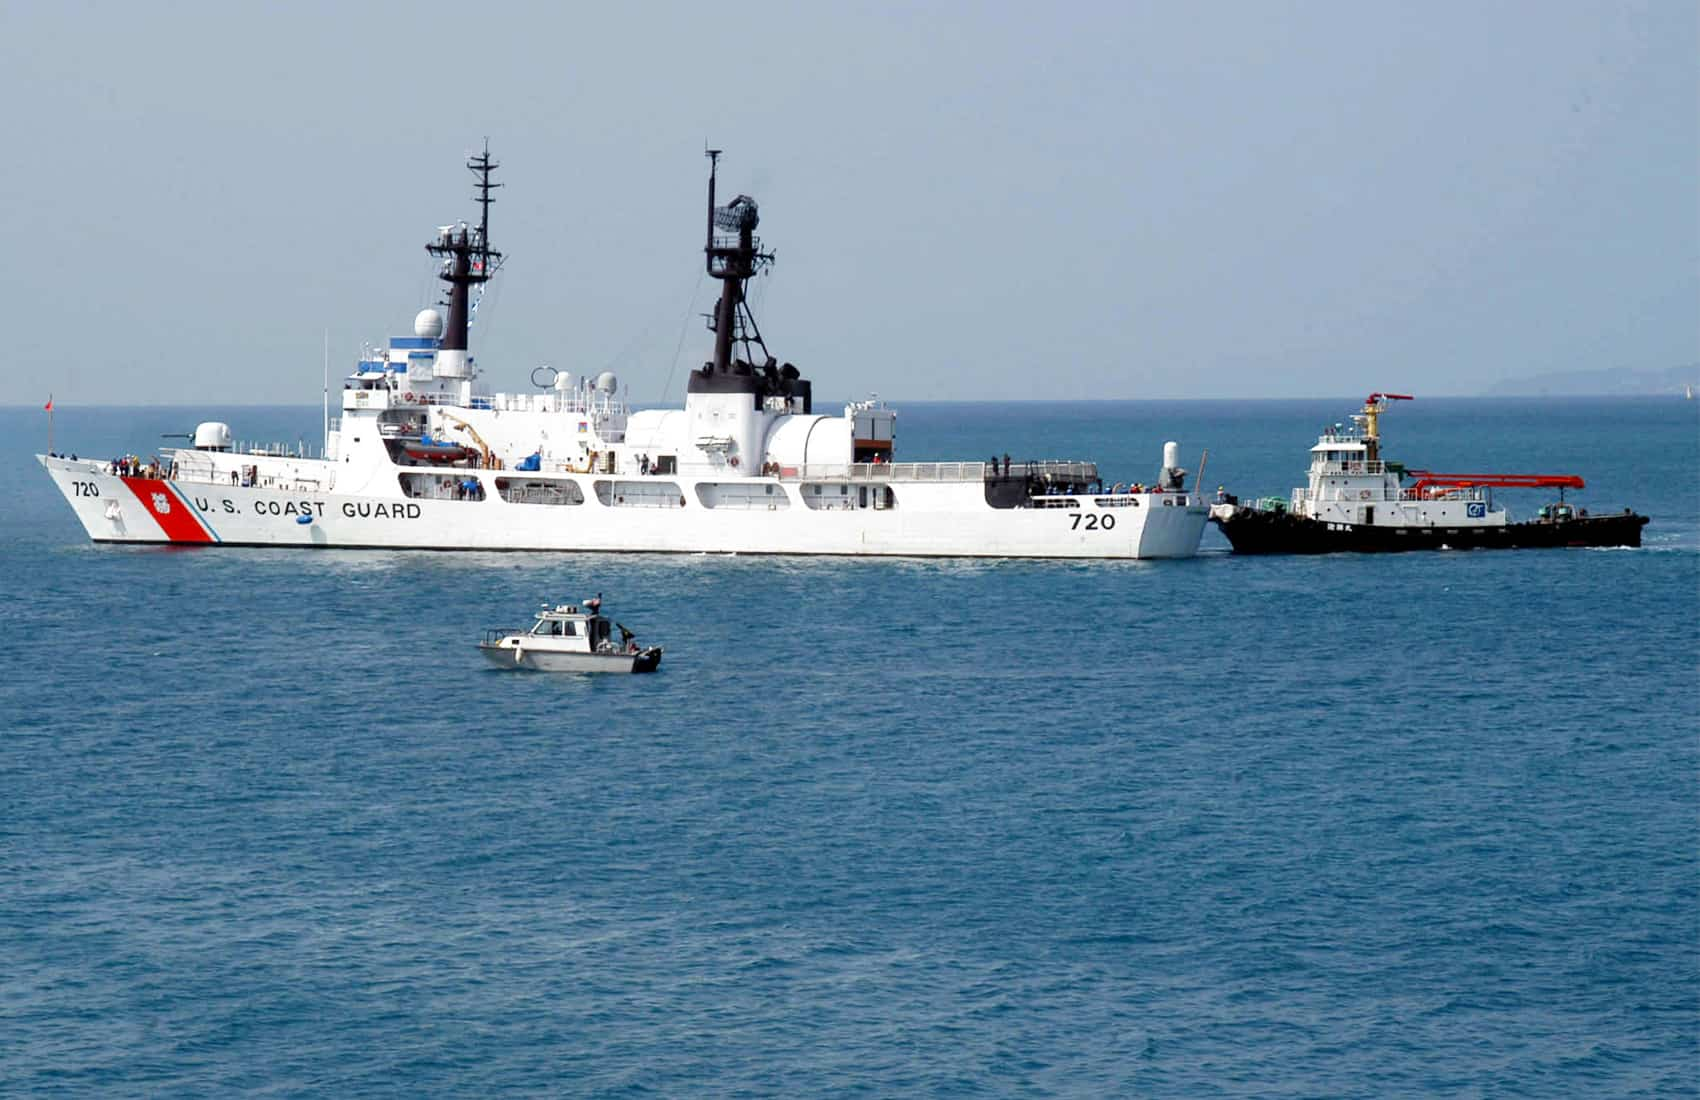 U.S. Coast Guard Cutter Sherman